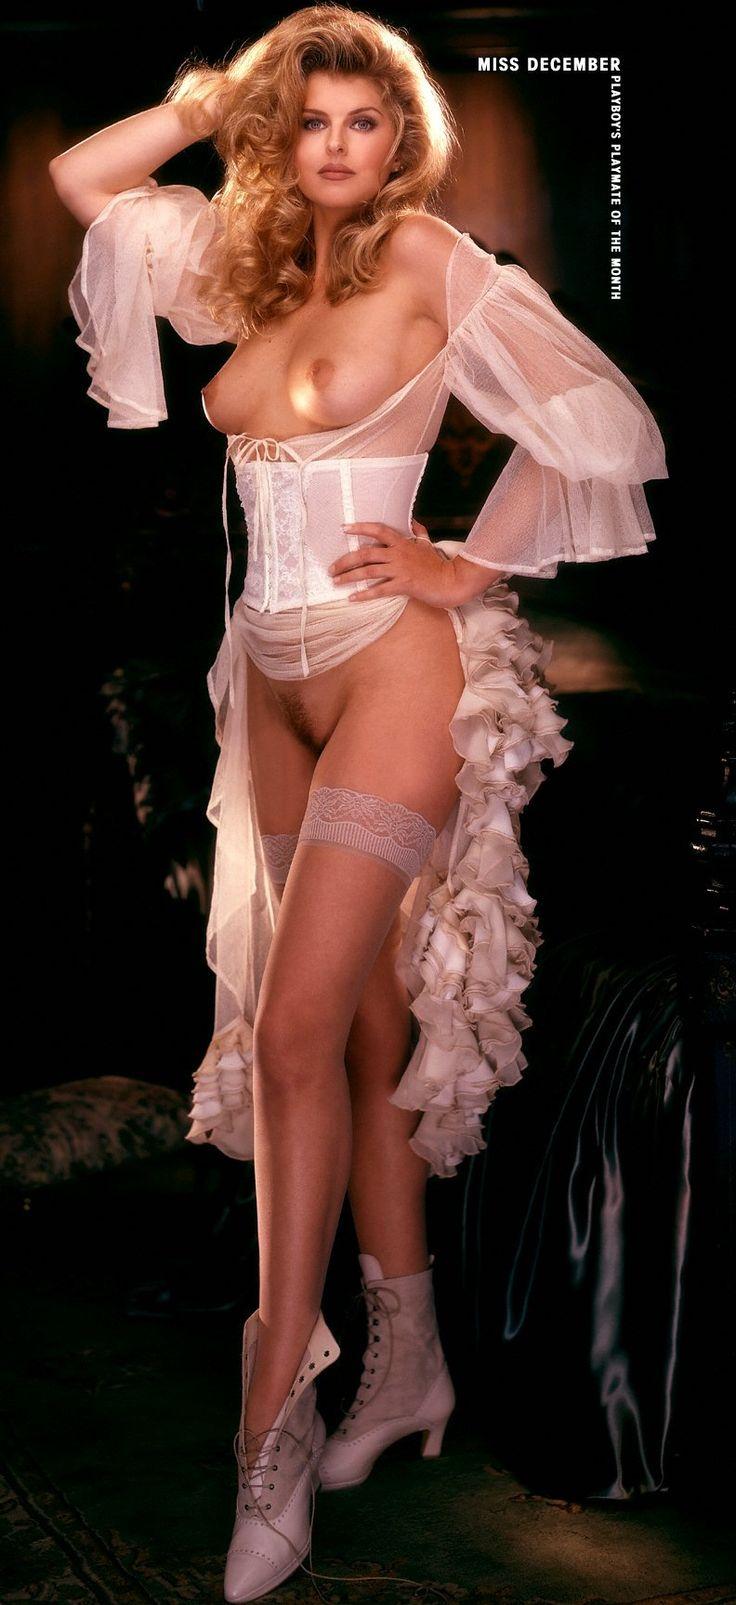 Prikaz XXX Slike Za Luci Victoria Playboy Playmate-6803